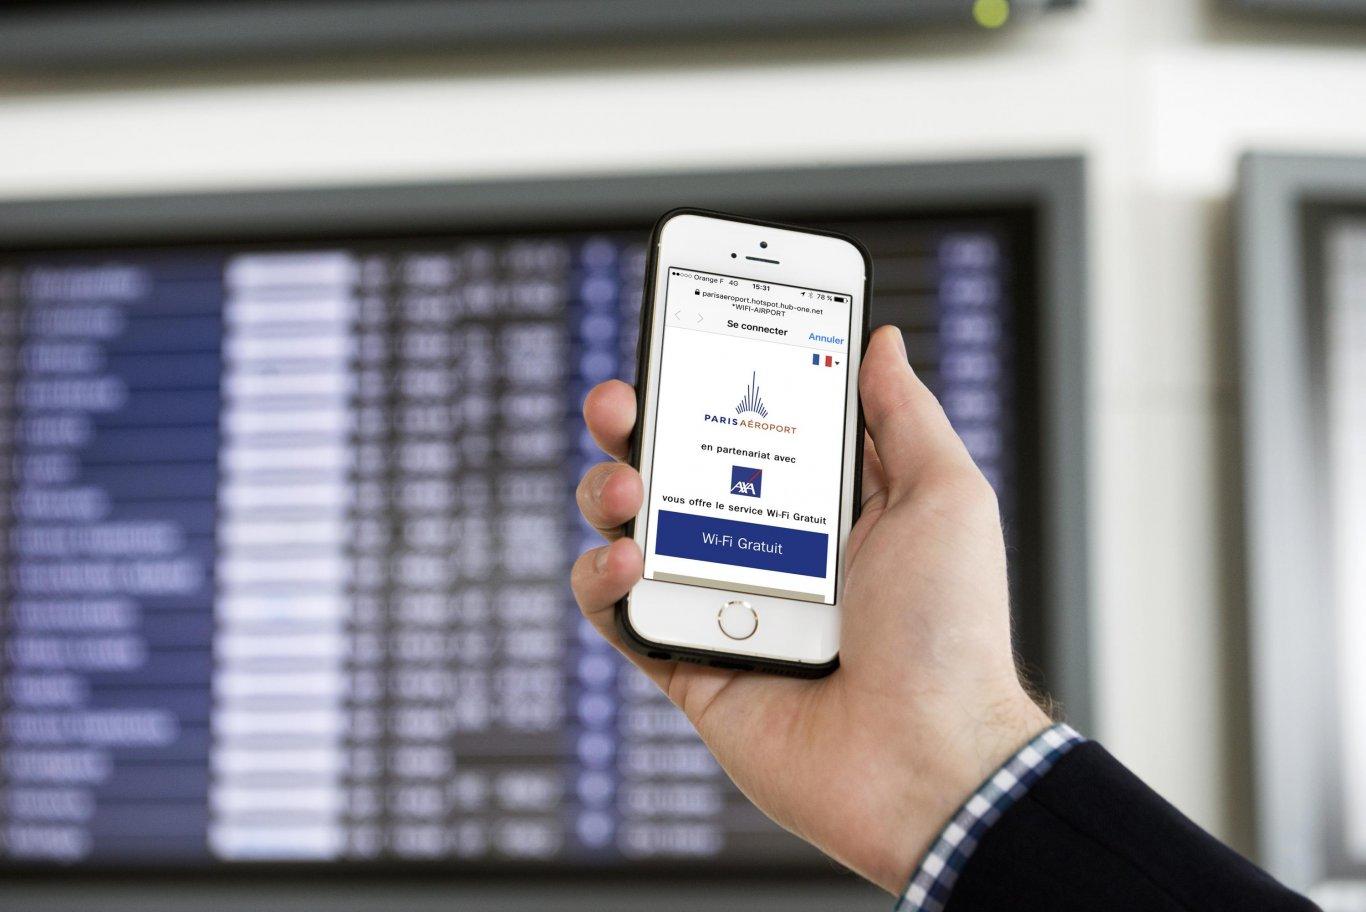 Створили сайт з паролями від WI-FI у світових аеропортах